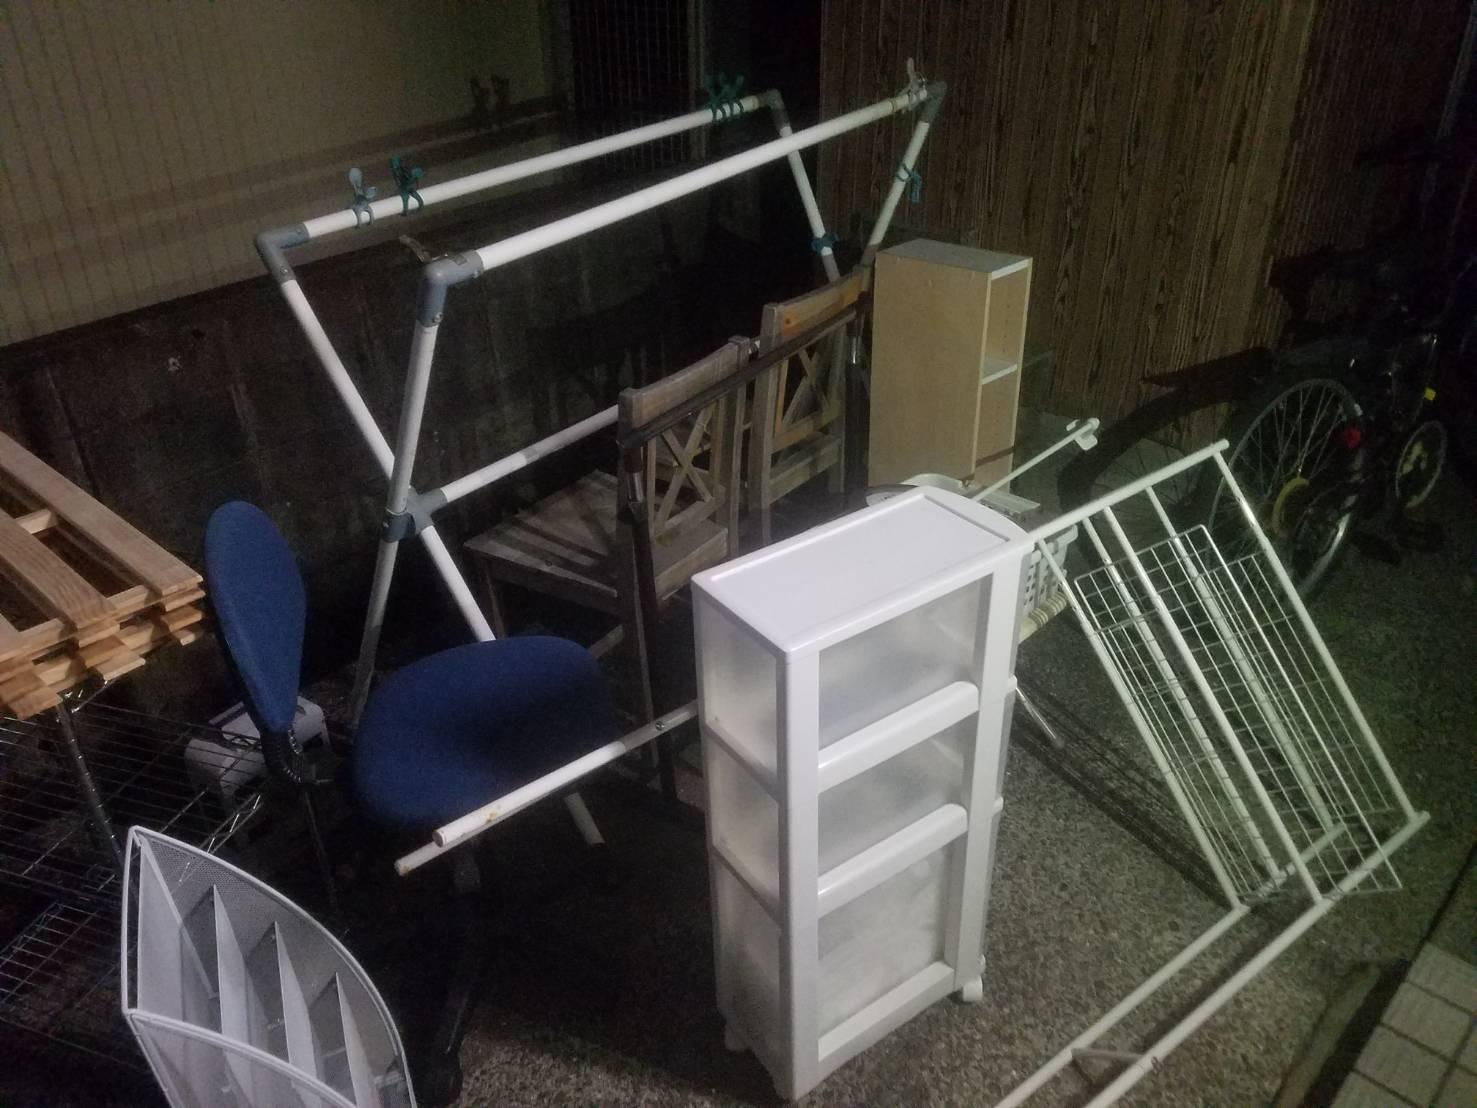 カラーボックス、物干し台、ワークチェア、椅子の回収前